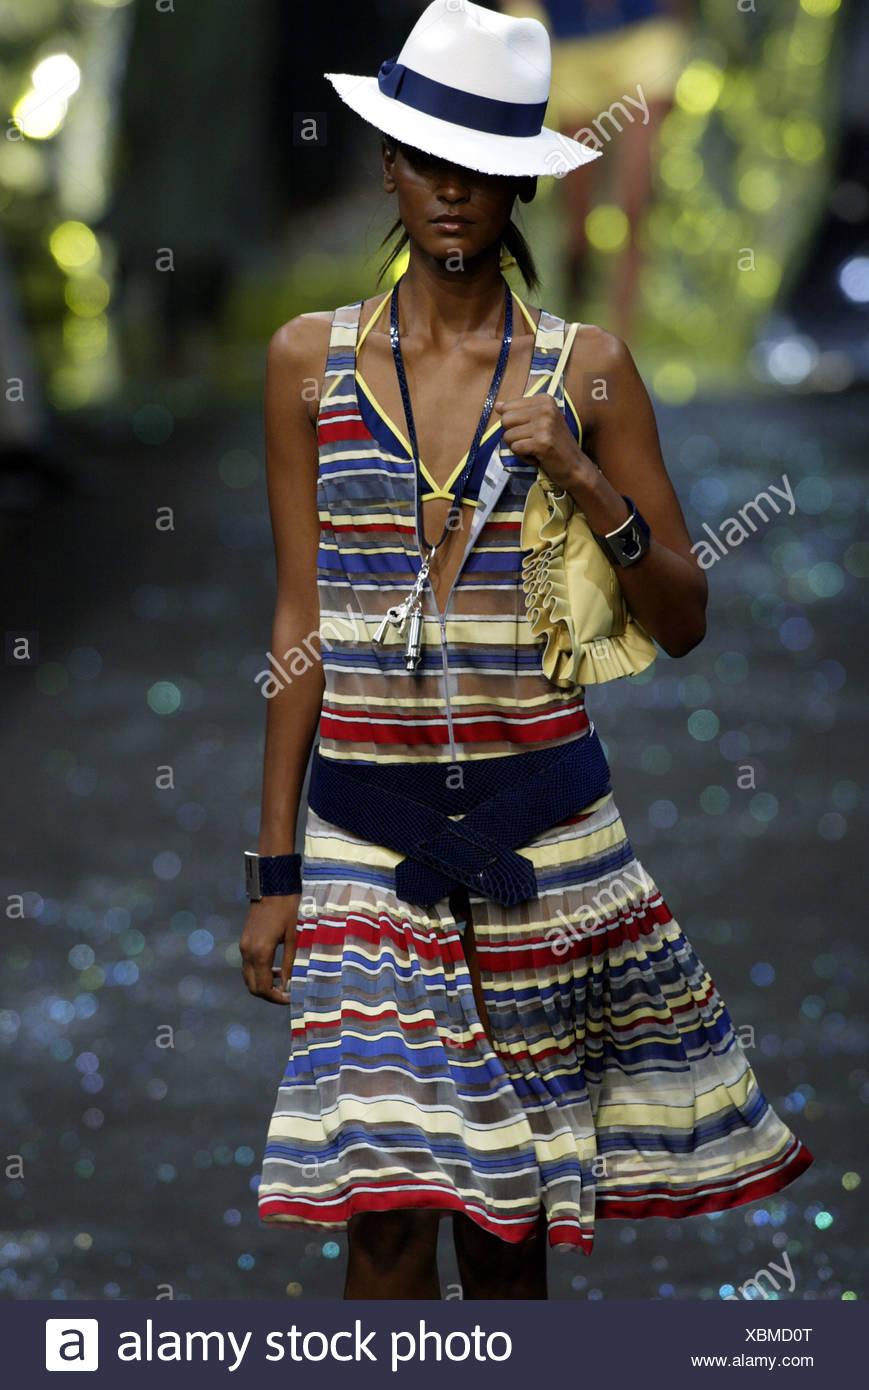 9cfe64f346 Galería de Largerfeld París listo para vestir primavera verano vestidos de  blanco modelo Panama hat banda azul sobre uno de sus ojos y vestido de azul